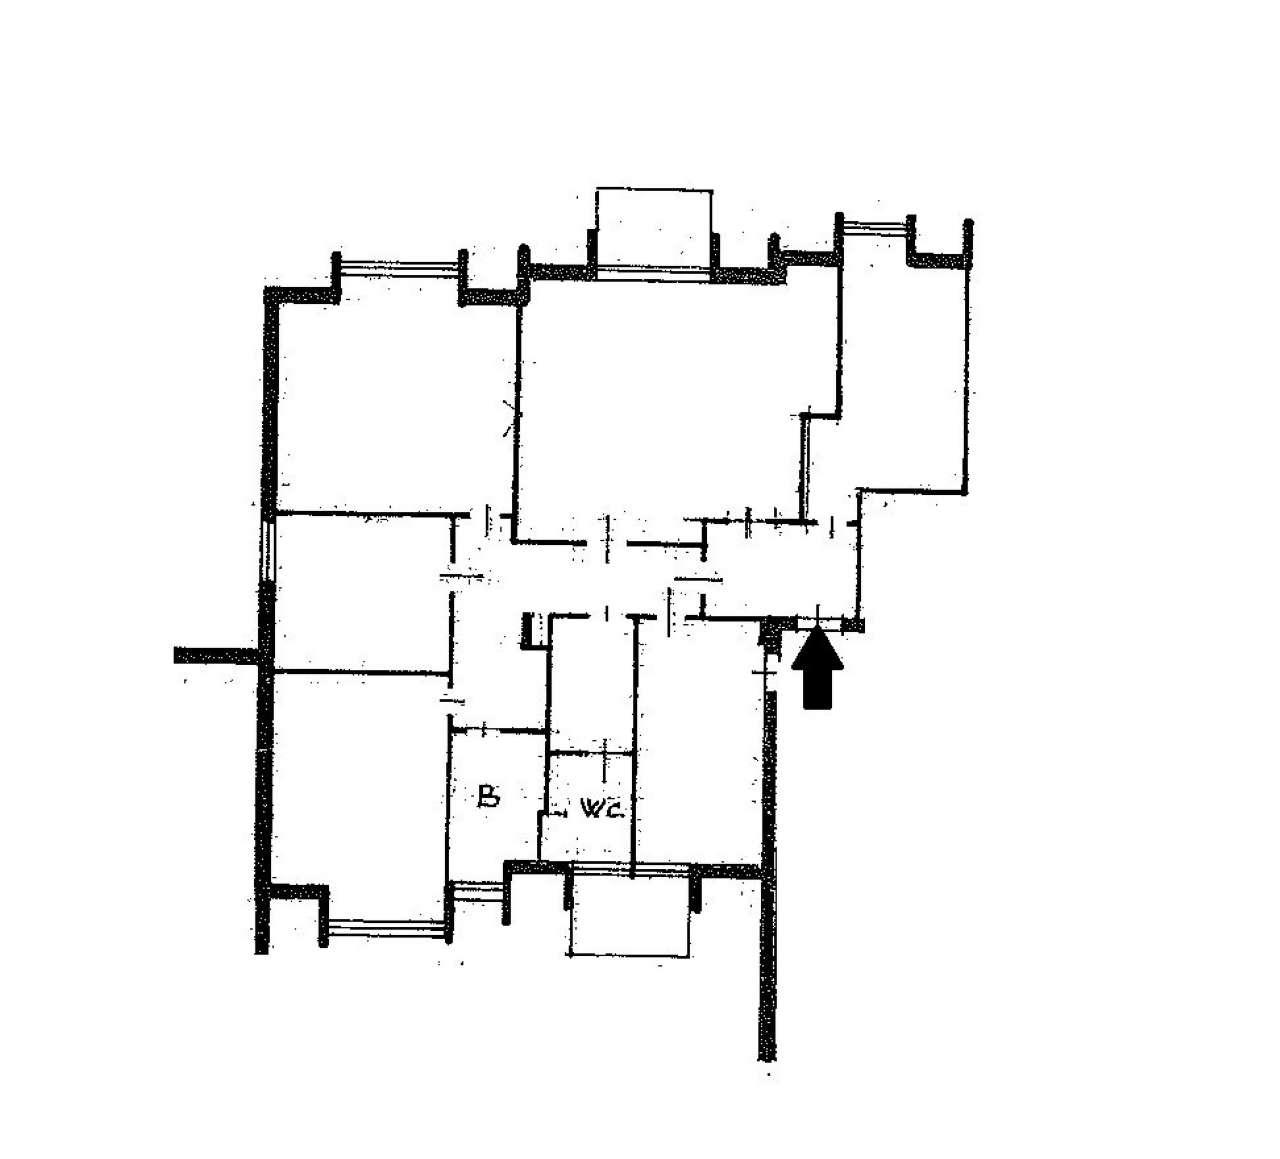 Appartamento 6 locali in affitto a Bari (BA)